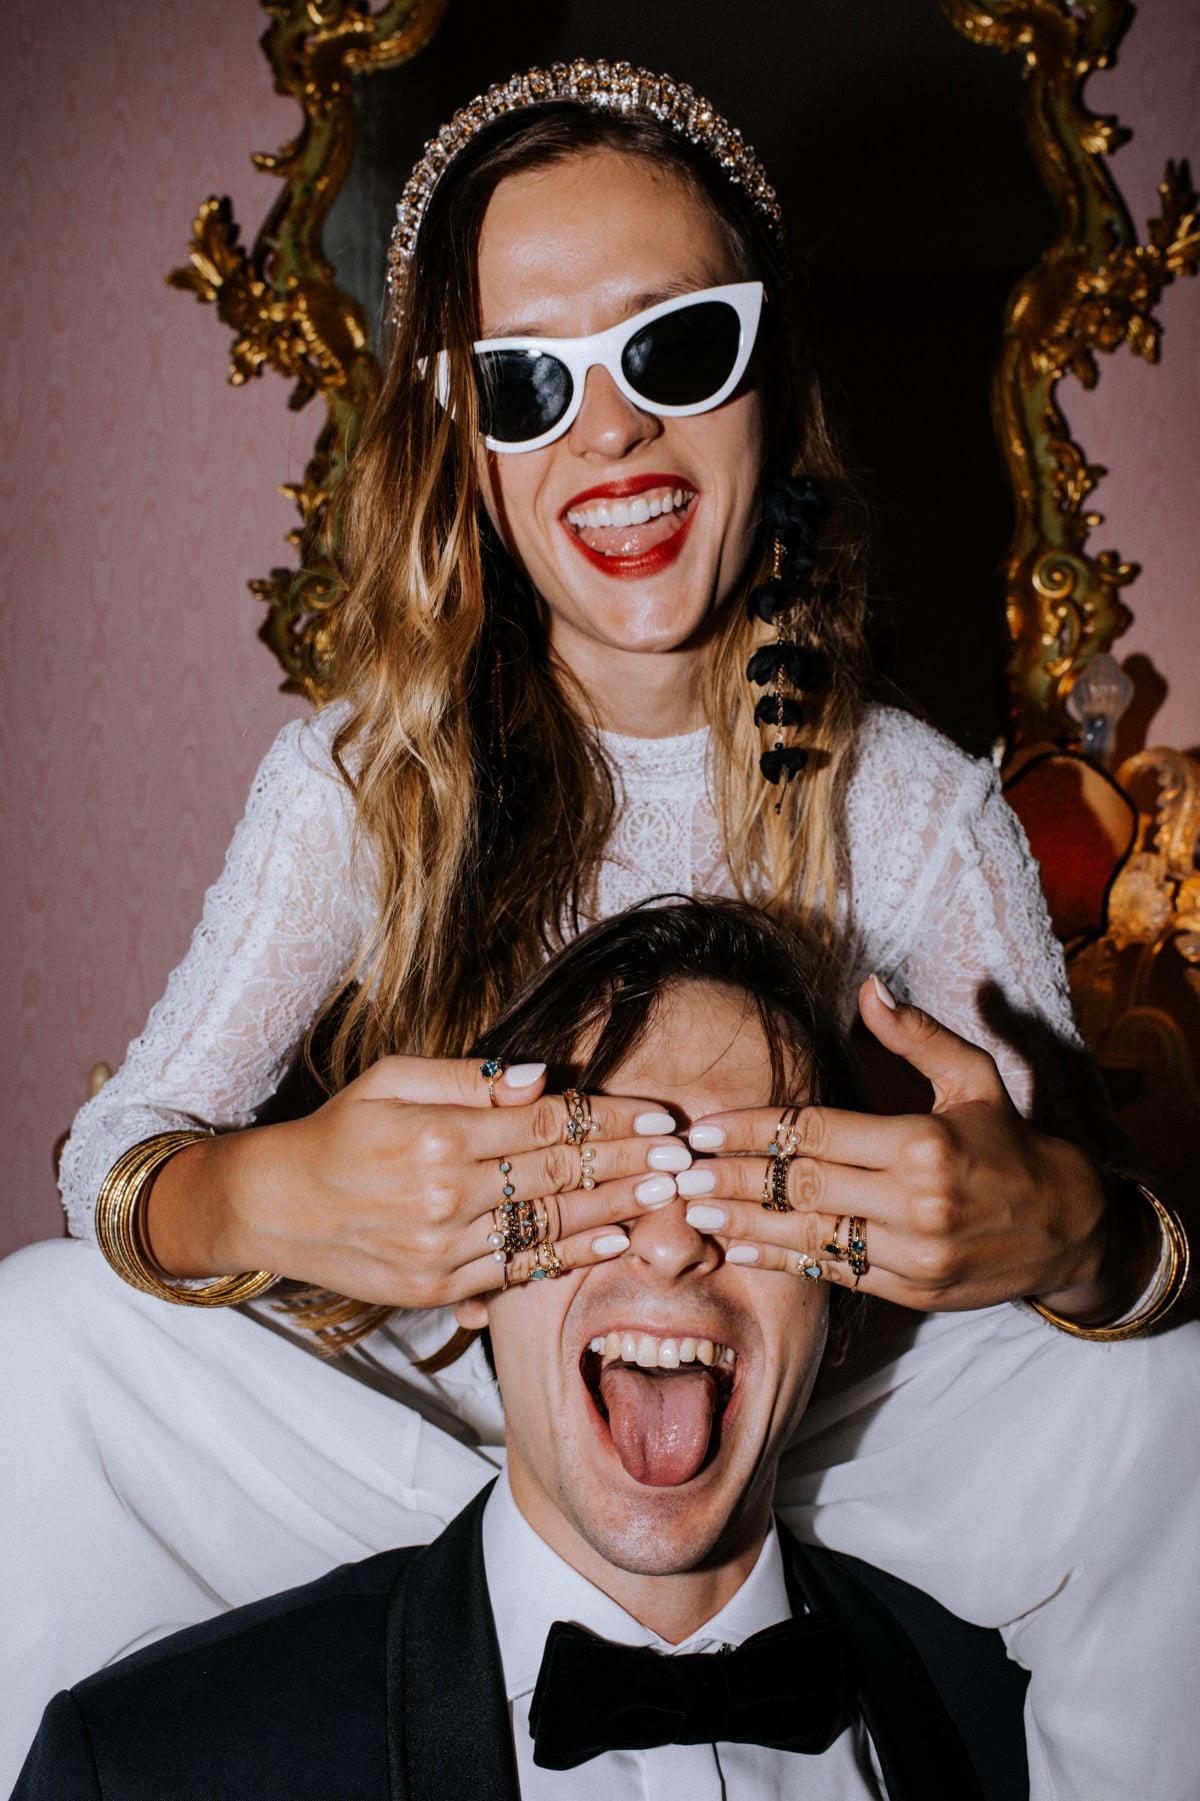 fotograf ślubny, zdjęcia ślubne, wesele